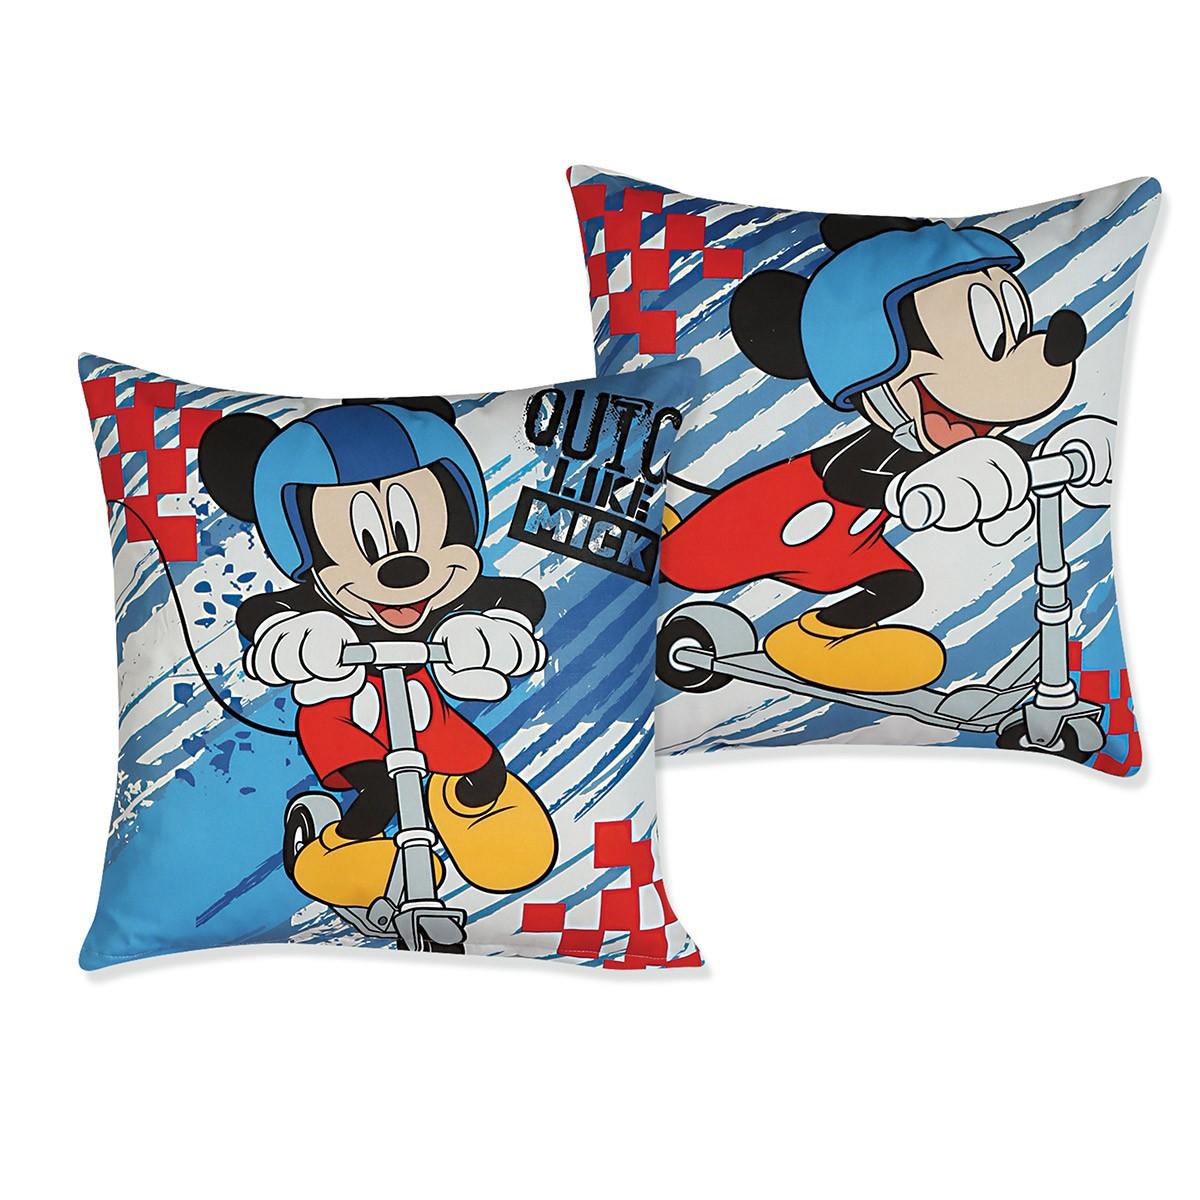 Διακοσμητικό Μαξιλάρι 2 Όψεων Nef-Nef Disney Quick Like Mickey home   παιδικά   διακοσμητικά μαξιλάρια παιδικά